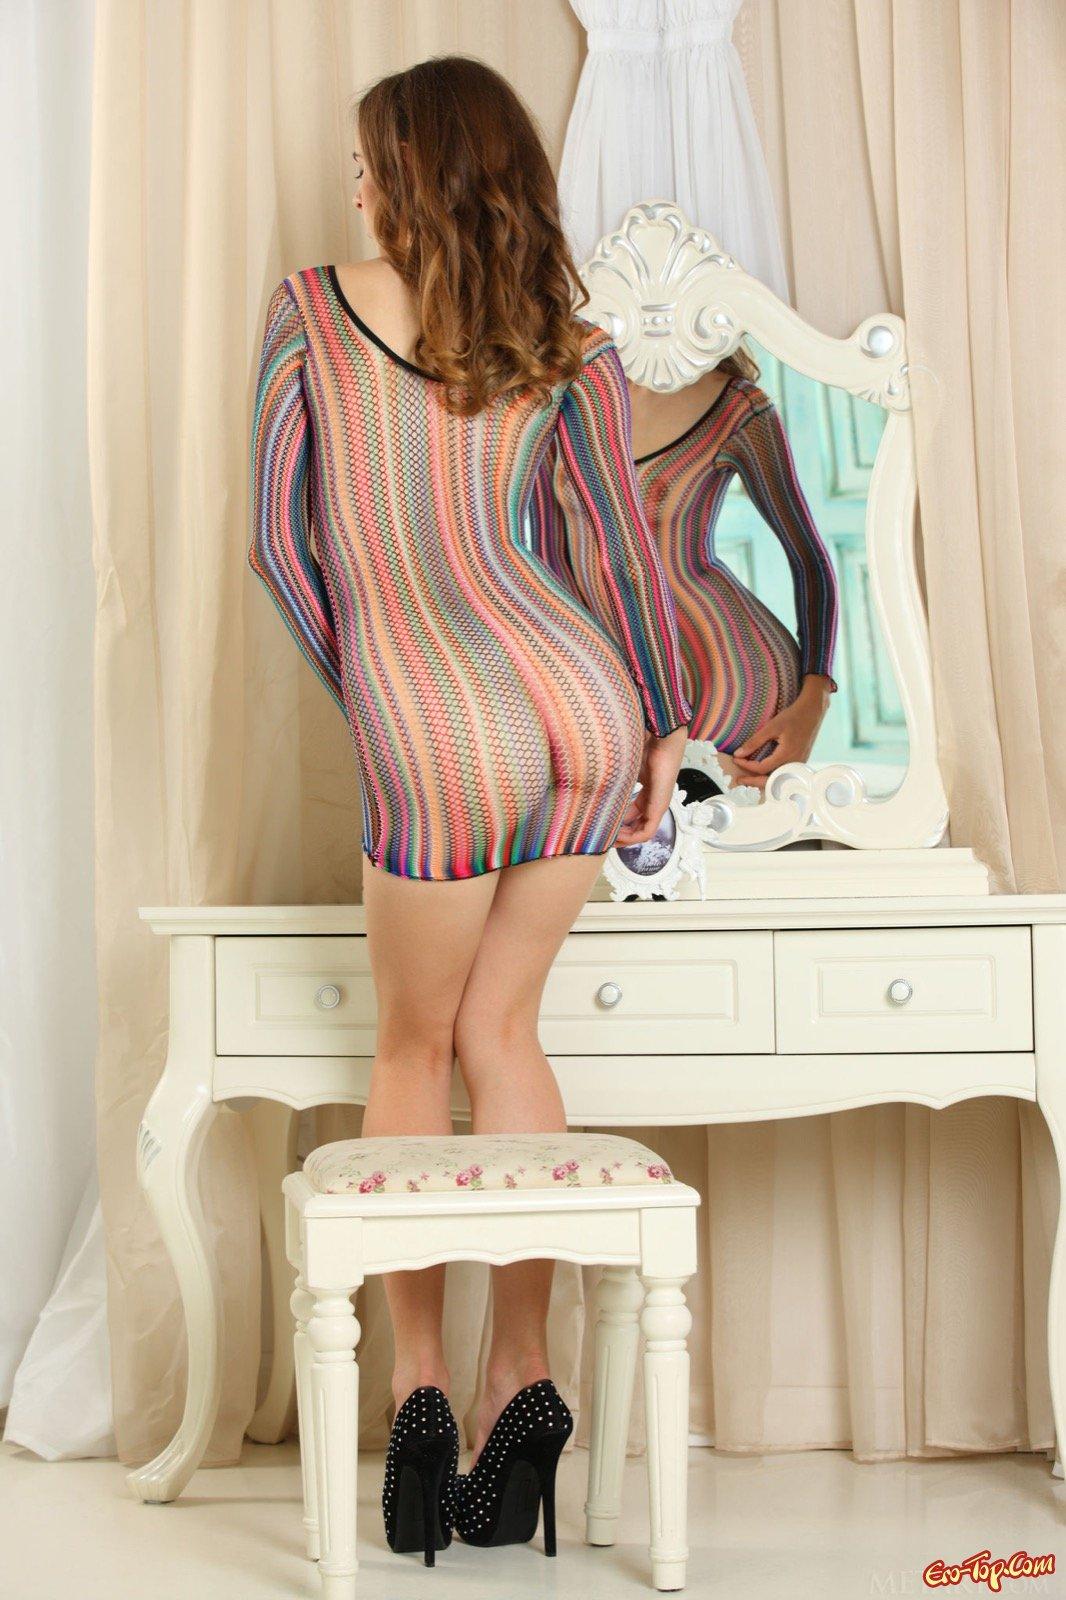 Худенькая девушка в прозрачном платье на голое тело